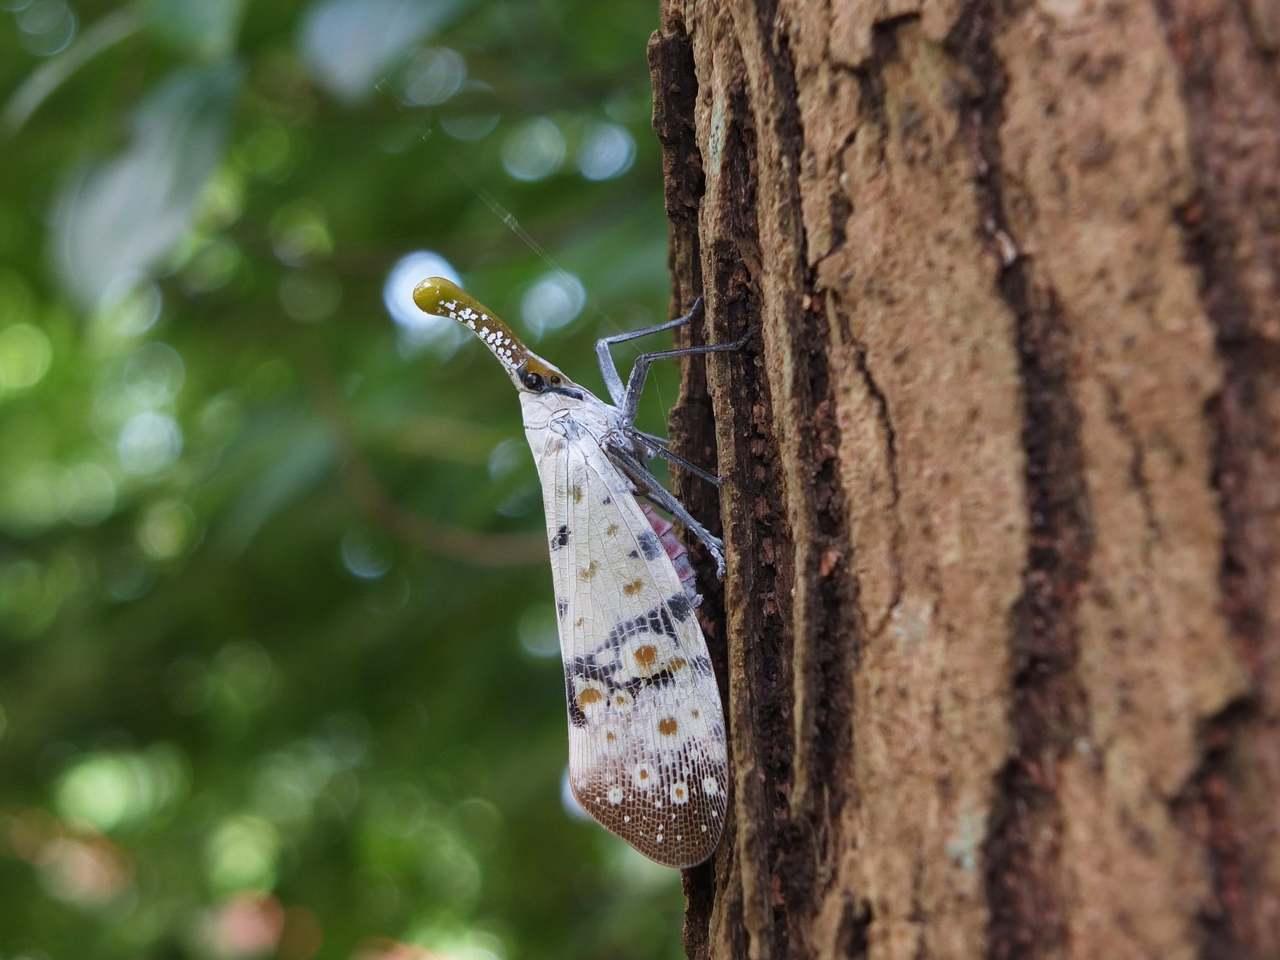 渡邊氏東方蠟蟬曾列名保育類昆蟲,每年7月為產卵盛產期。圖/沈錦豐提供